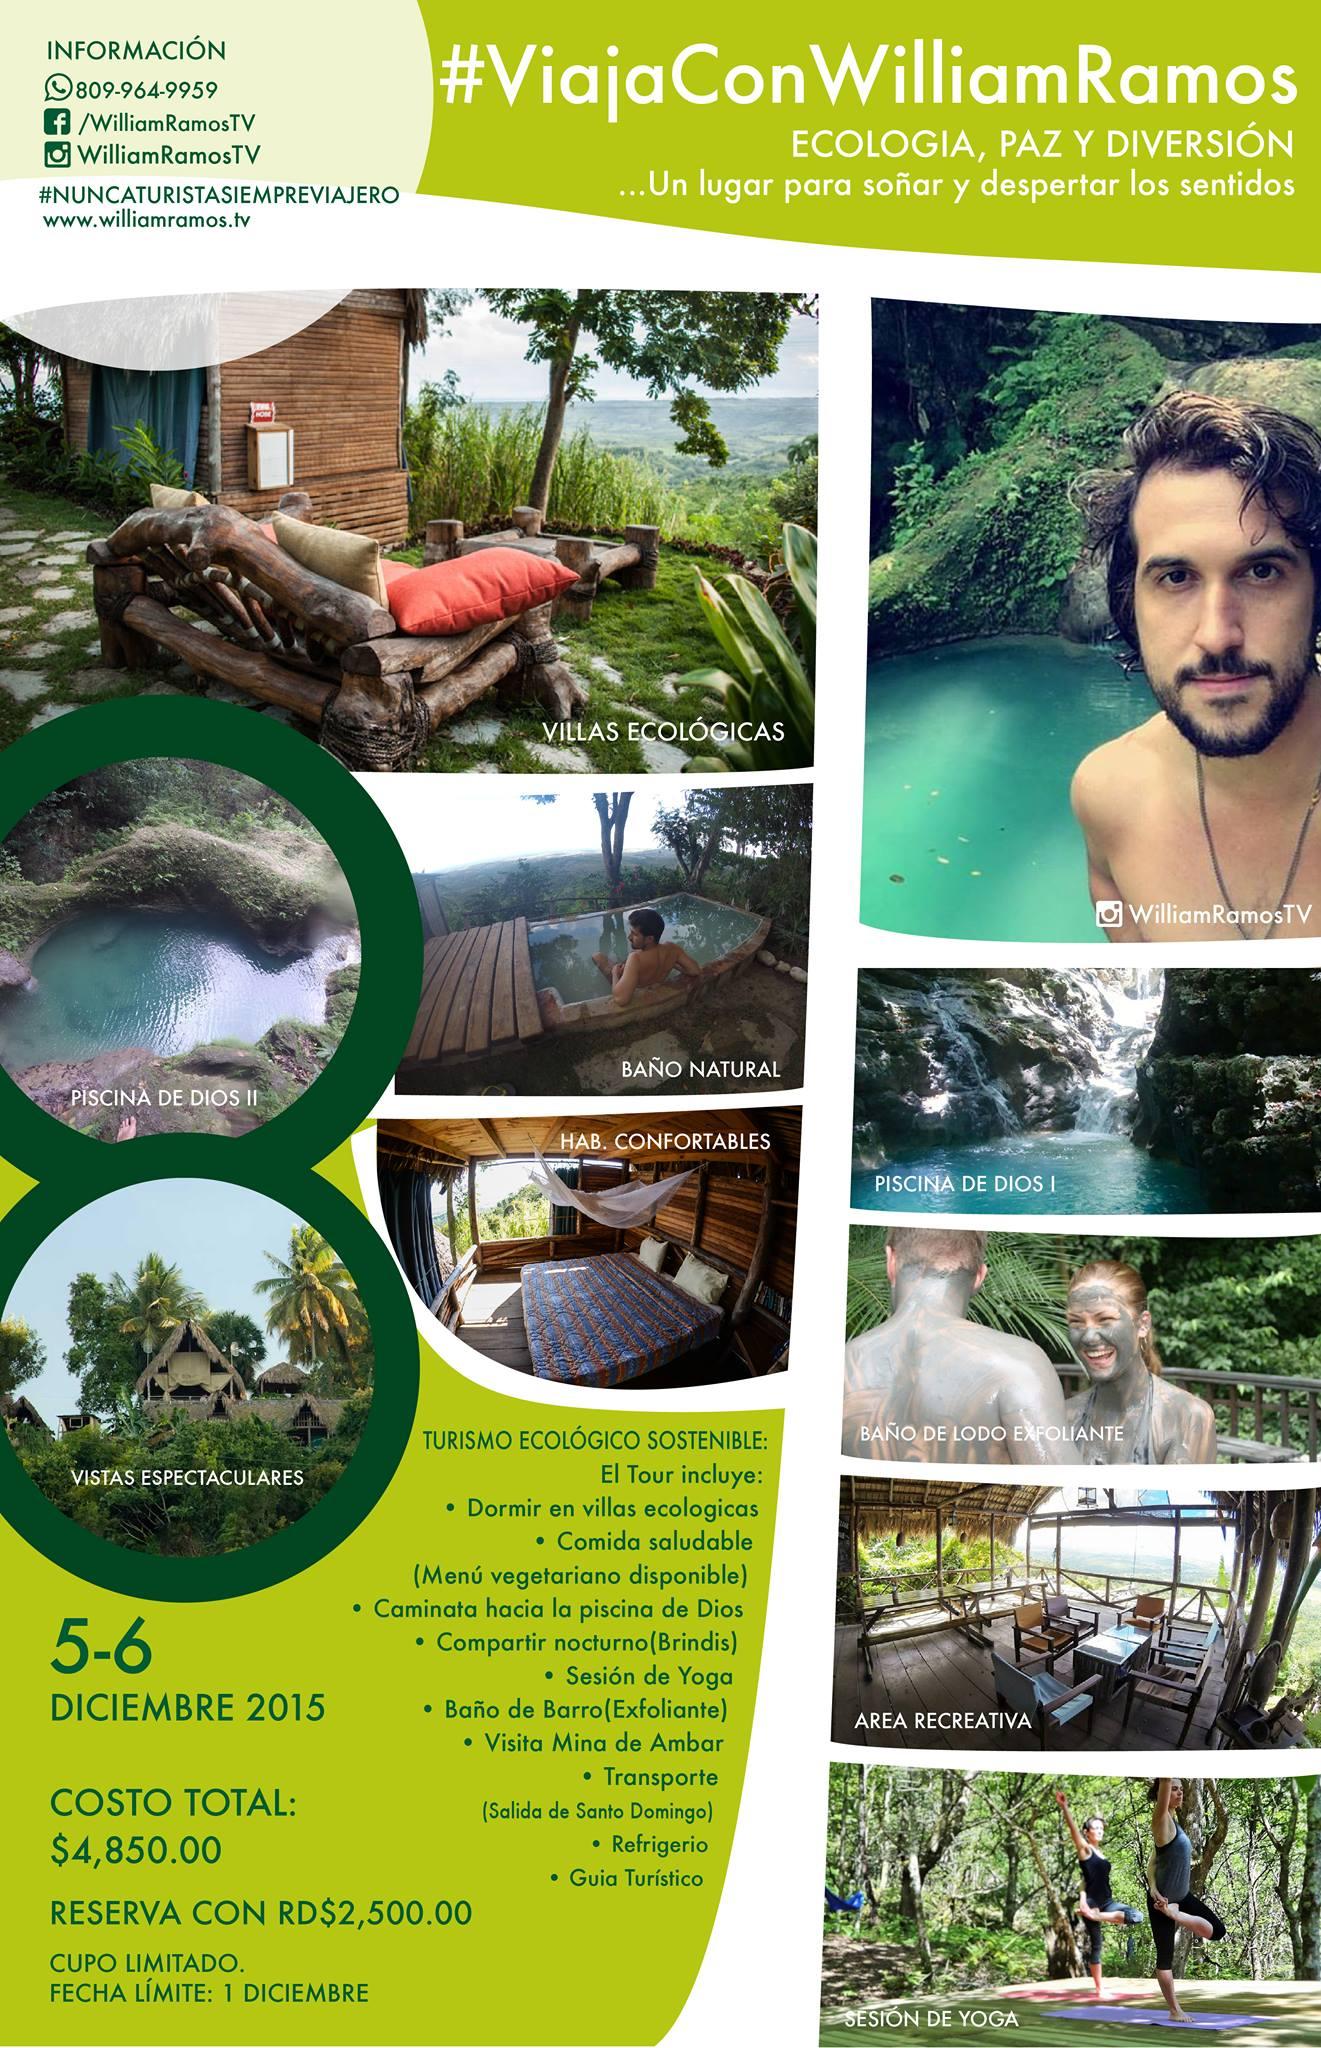 Reserva & Información del Tour Ecológico Tubagua del 5 al 6 de Diciembre